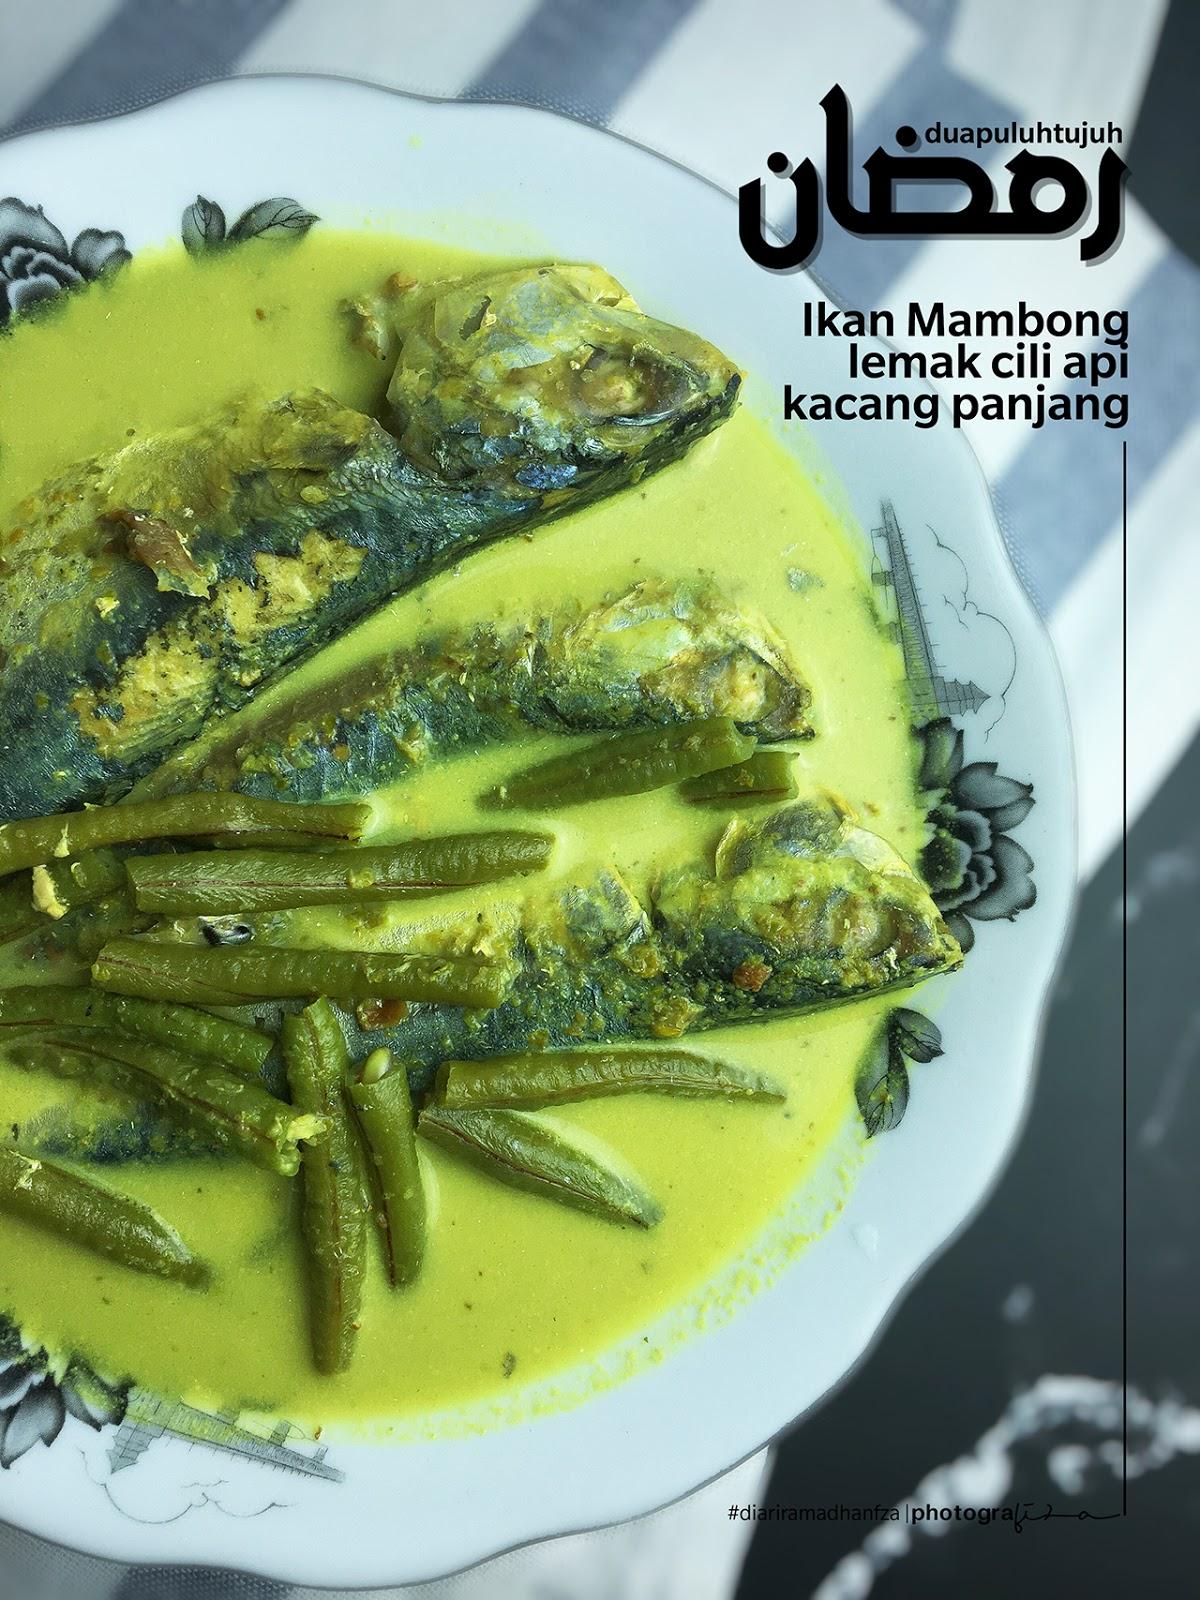 Ikan Mambong Masak Lemak Cili Api Campur Kacang Panjang